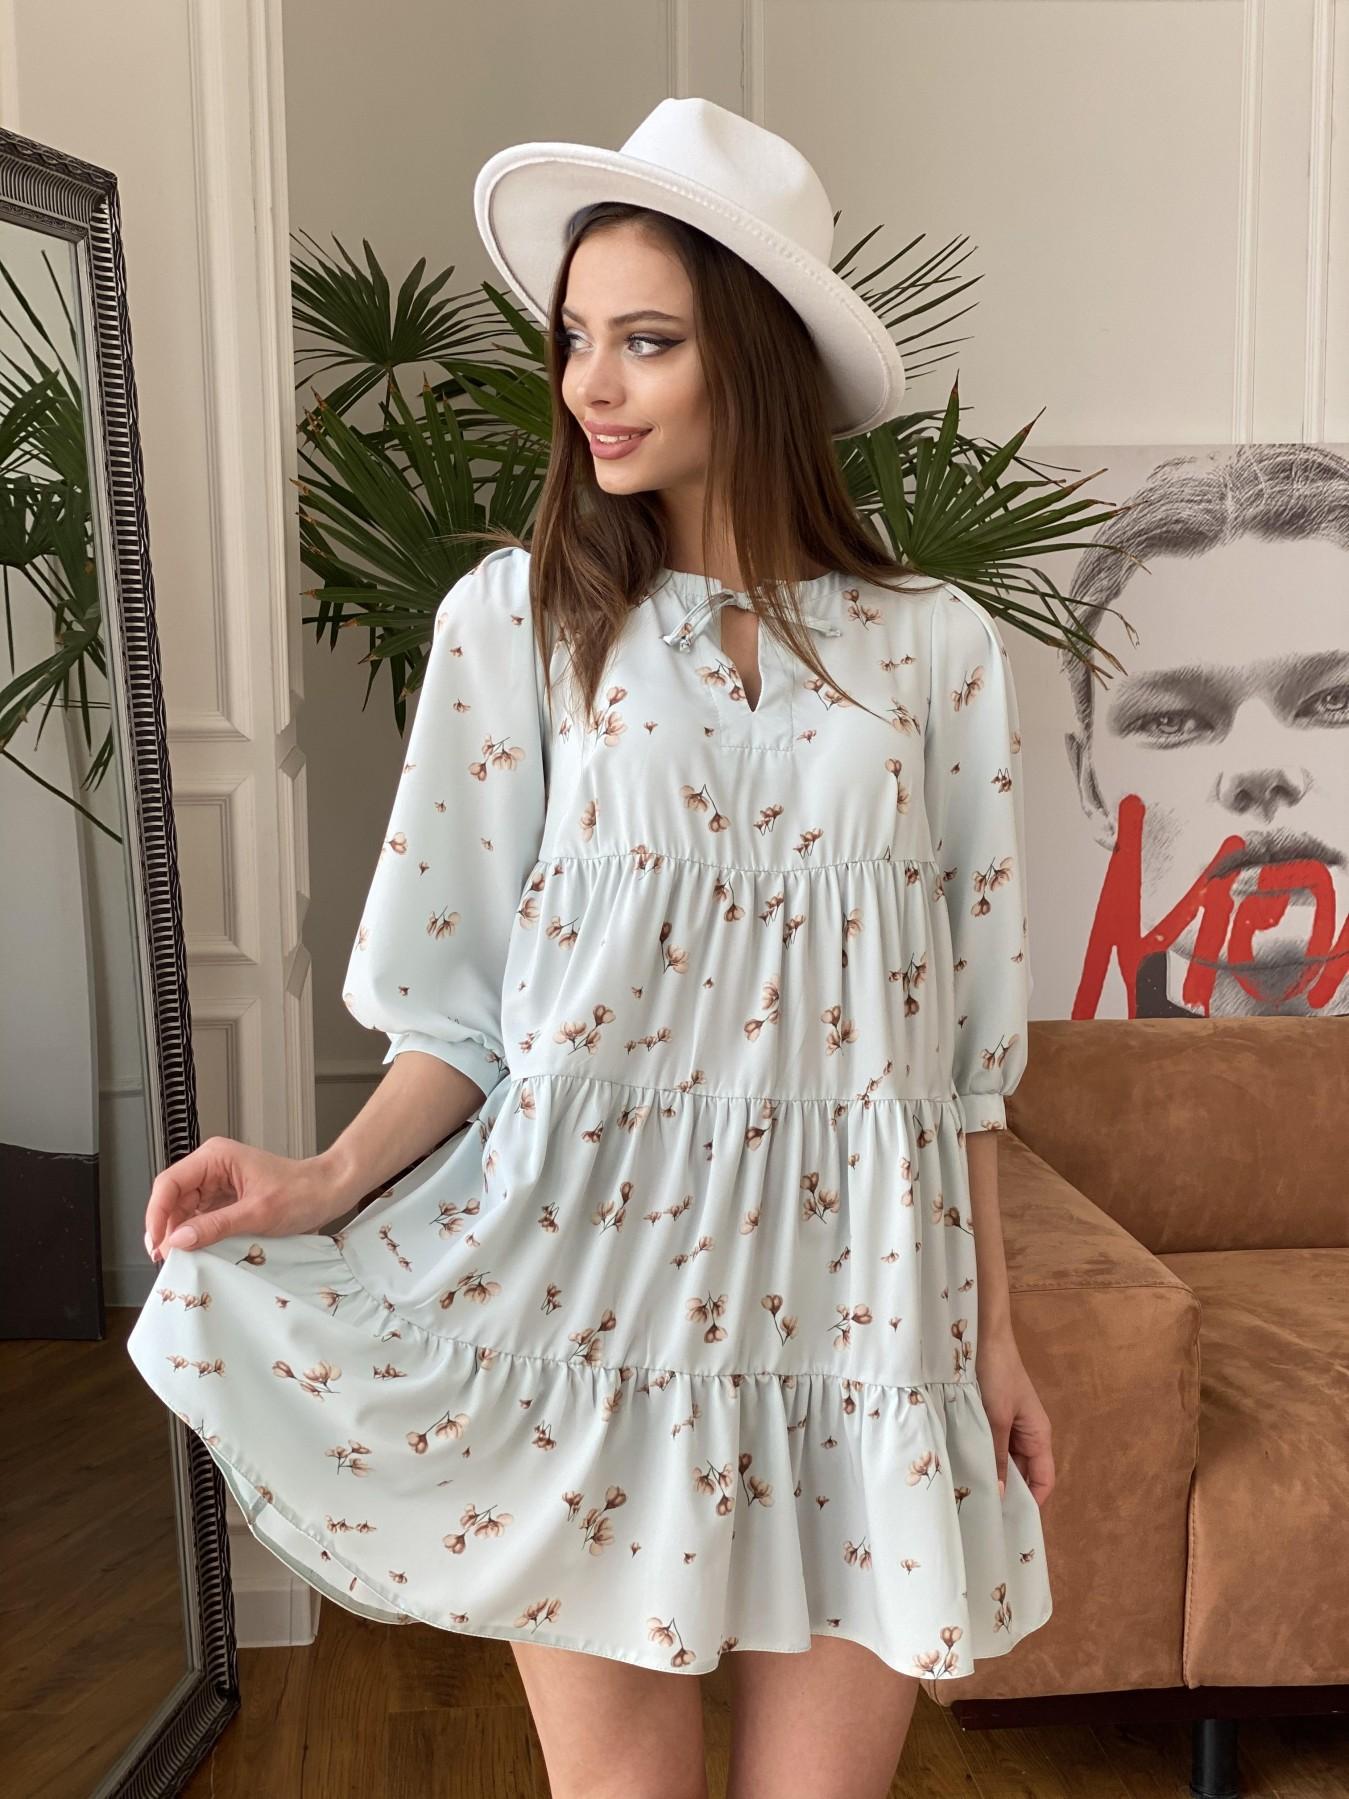 Нинель платье из софта с принтом 11114 АРТ. 47603 Цвет: МятаСв/БежЦветокМел - фото 2, интернет магазин tm-modus.ru